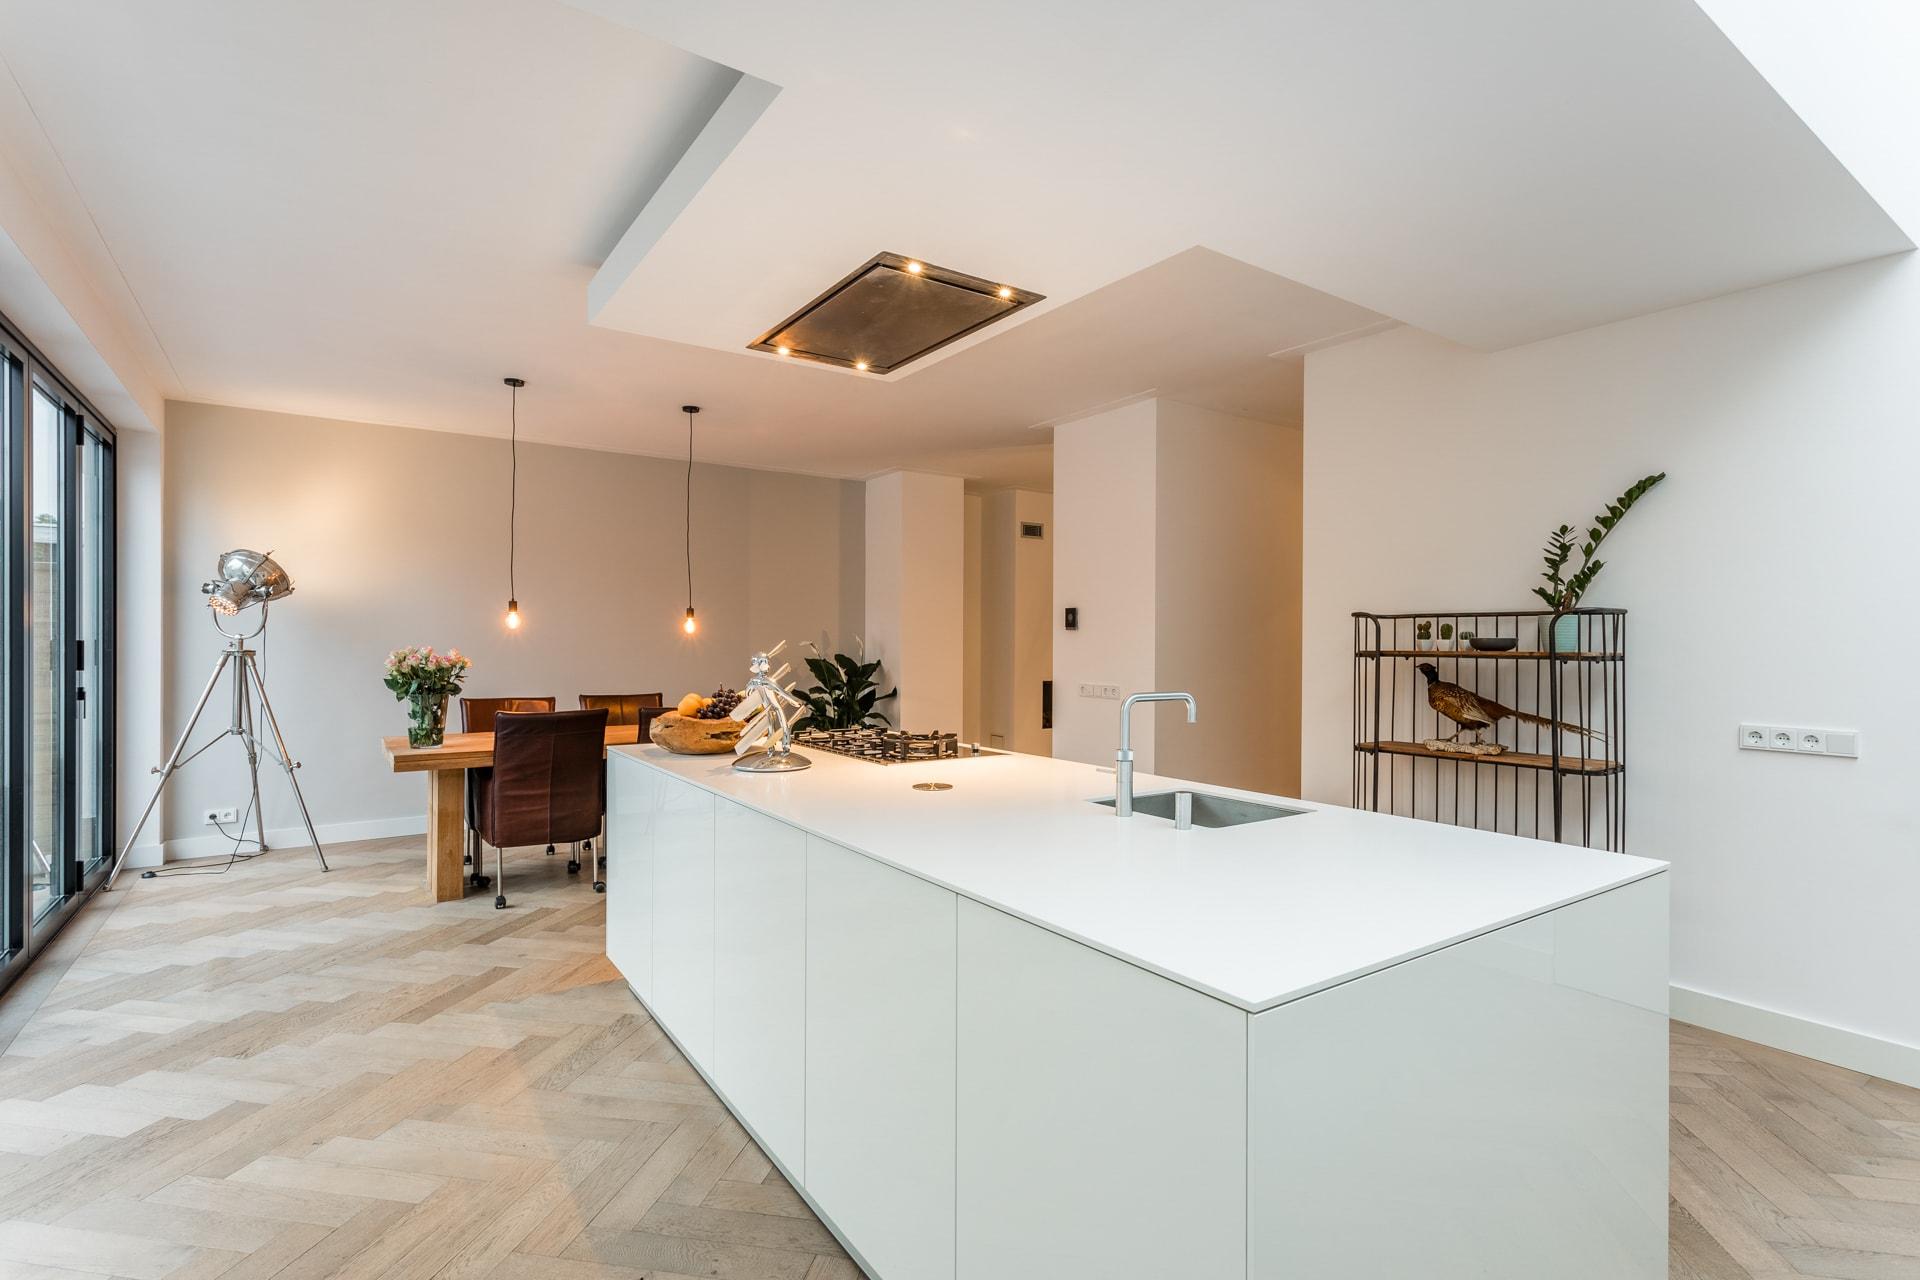 van-Os-architecten-verbouwing-2-onder-1-kapper-Valkenierslaan-Breda-kookeiland-met-verlaagd-plafond-met-lichtkoof